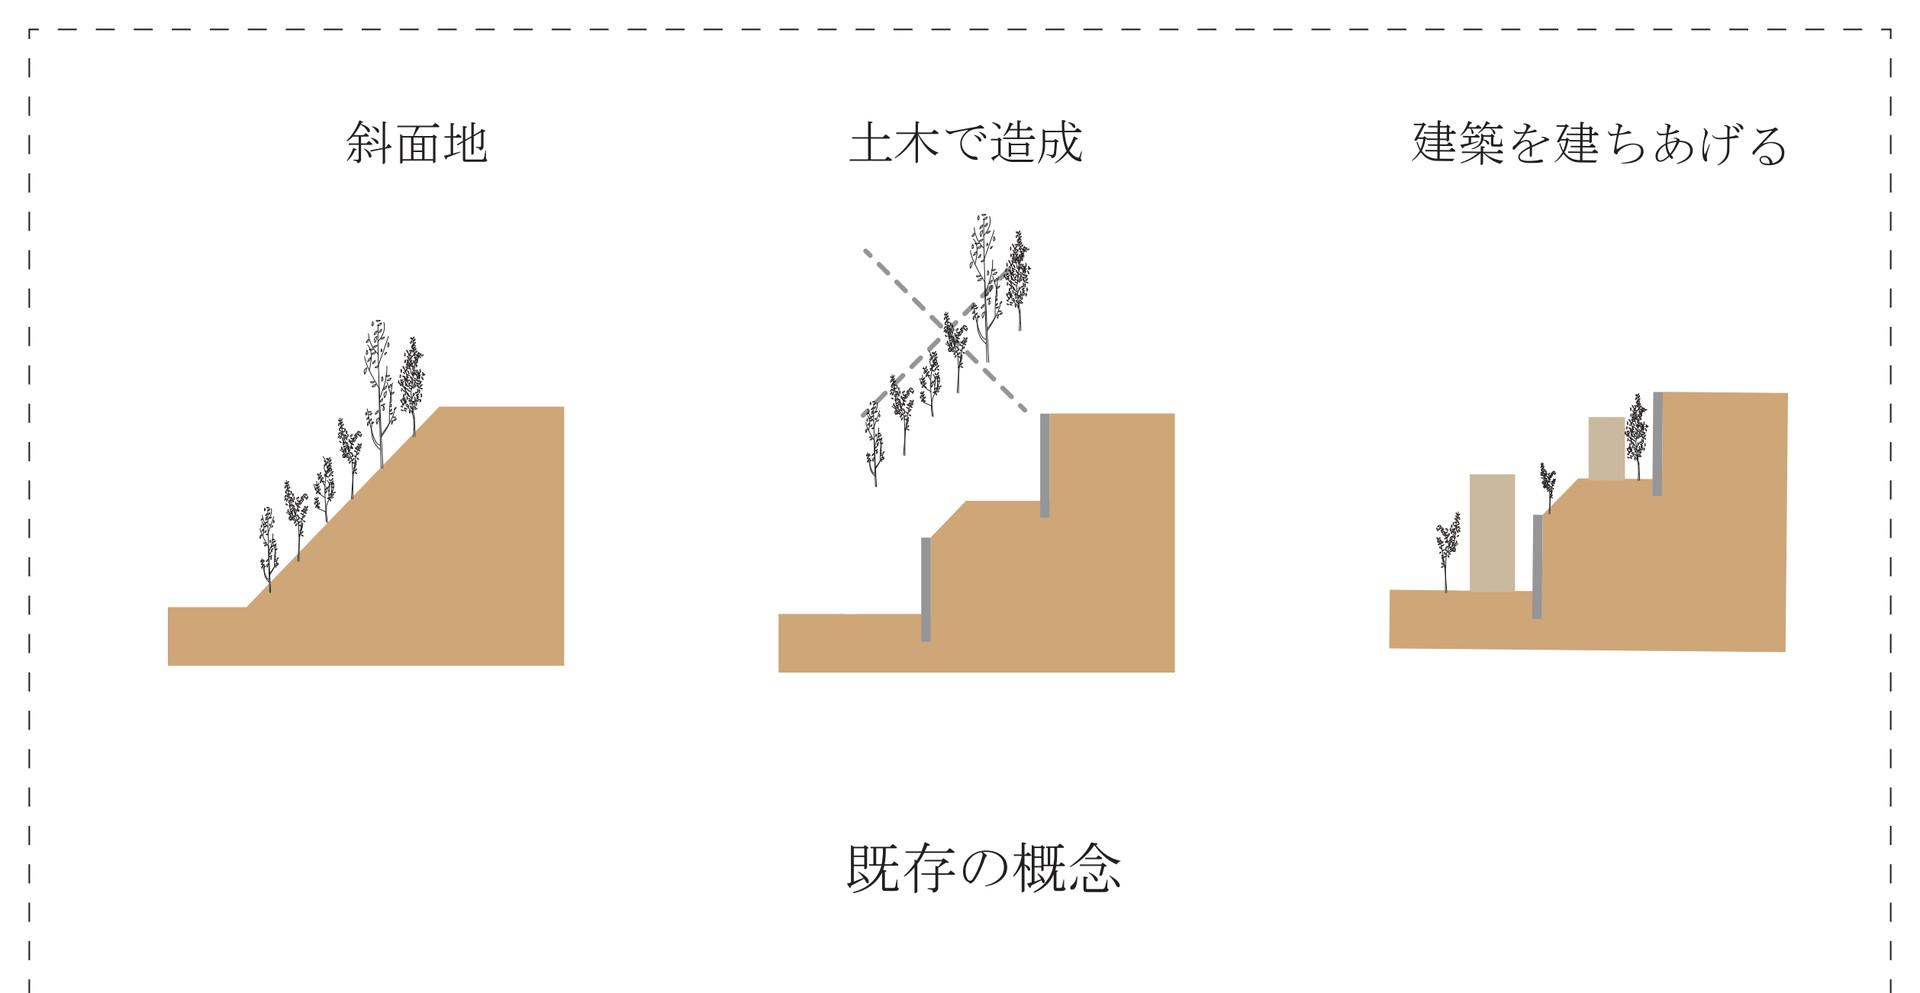 井川日生李 02.jpg